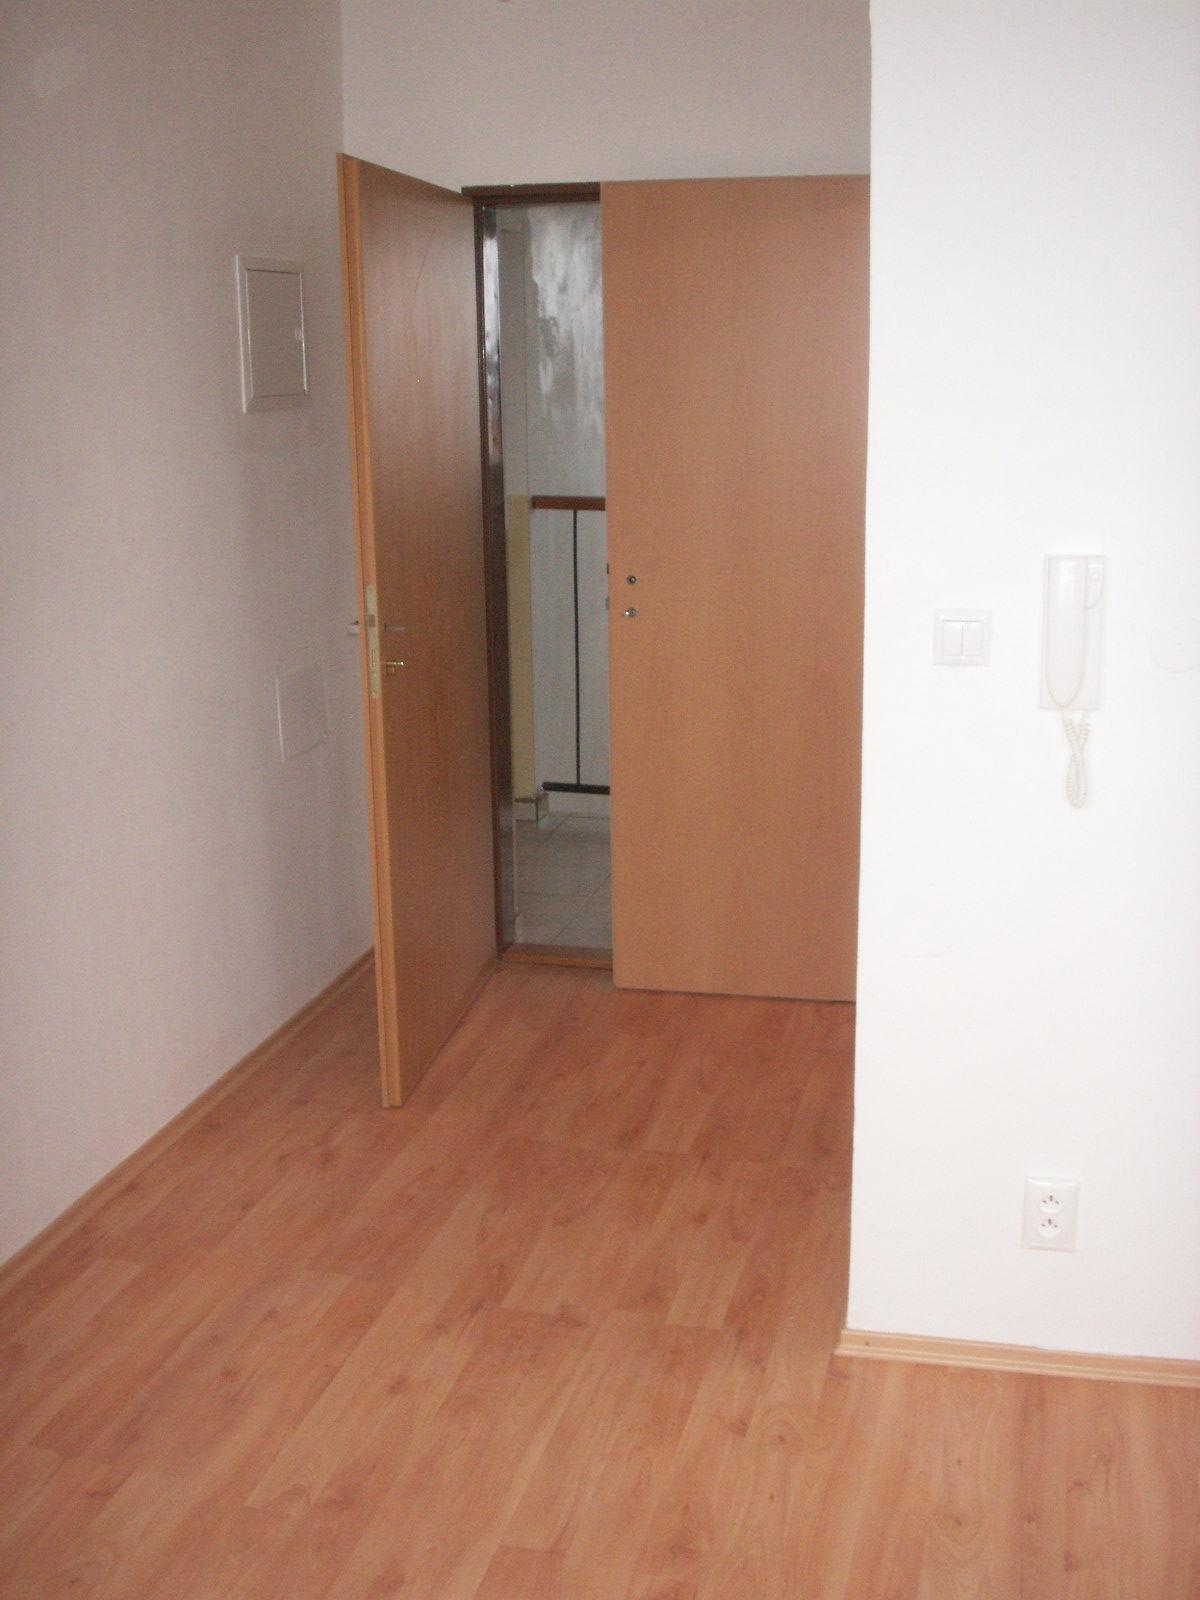 byt č. 21 Dobšinského 3